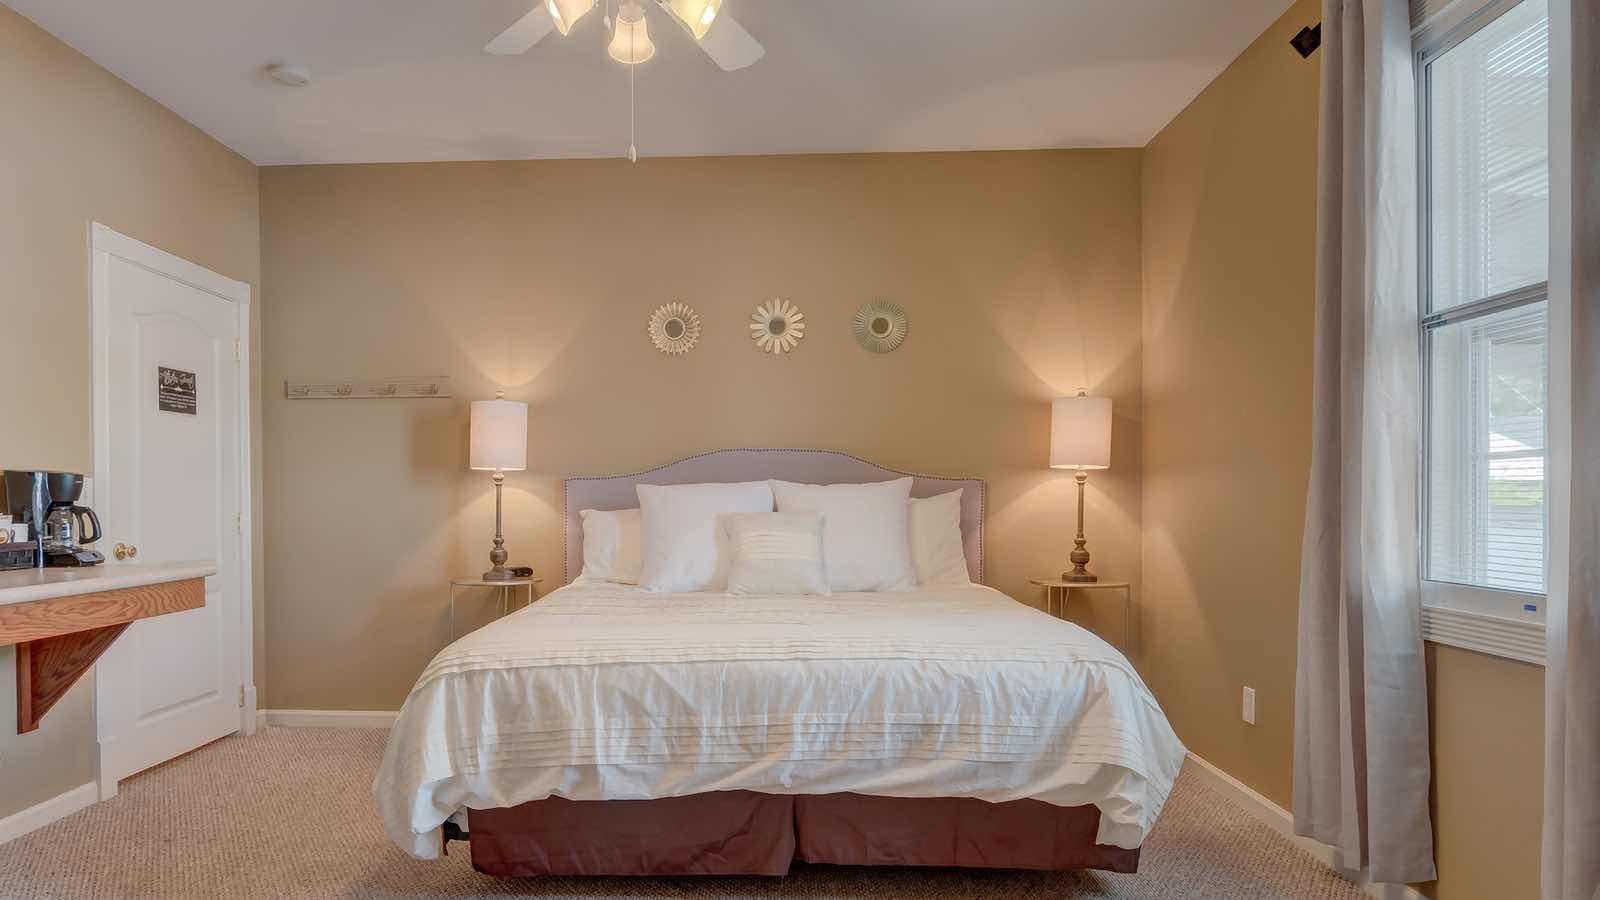 Downtown Blue Ridge West Main Suite 2 Cabin Rental